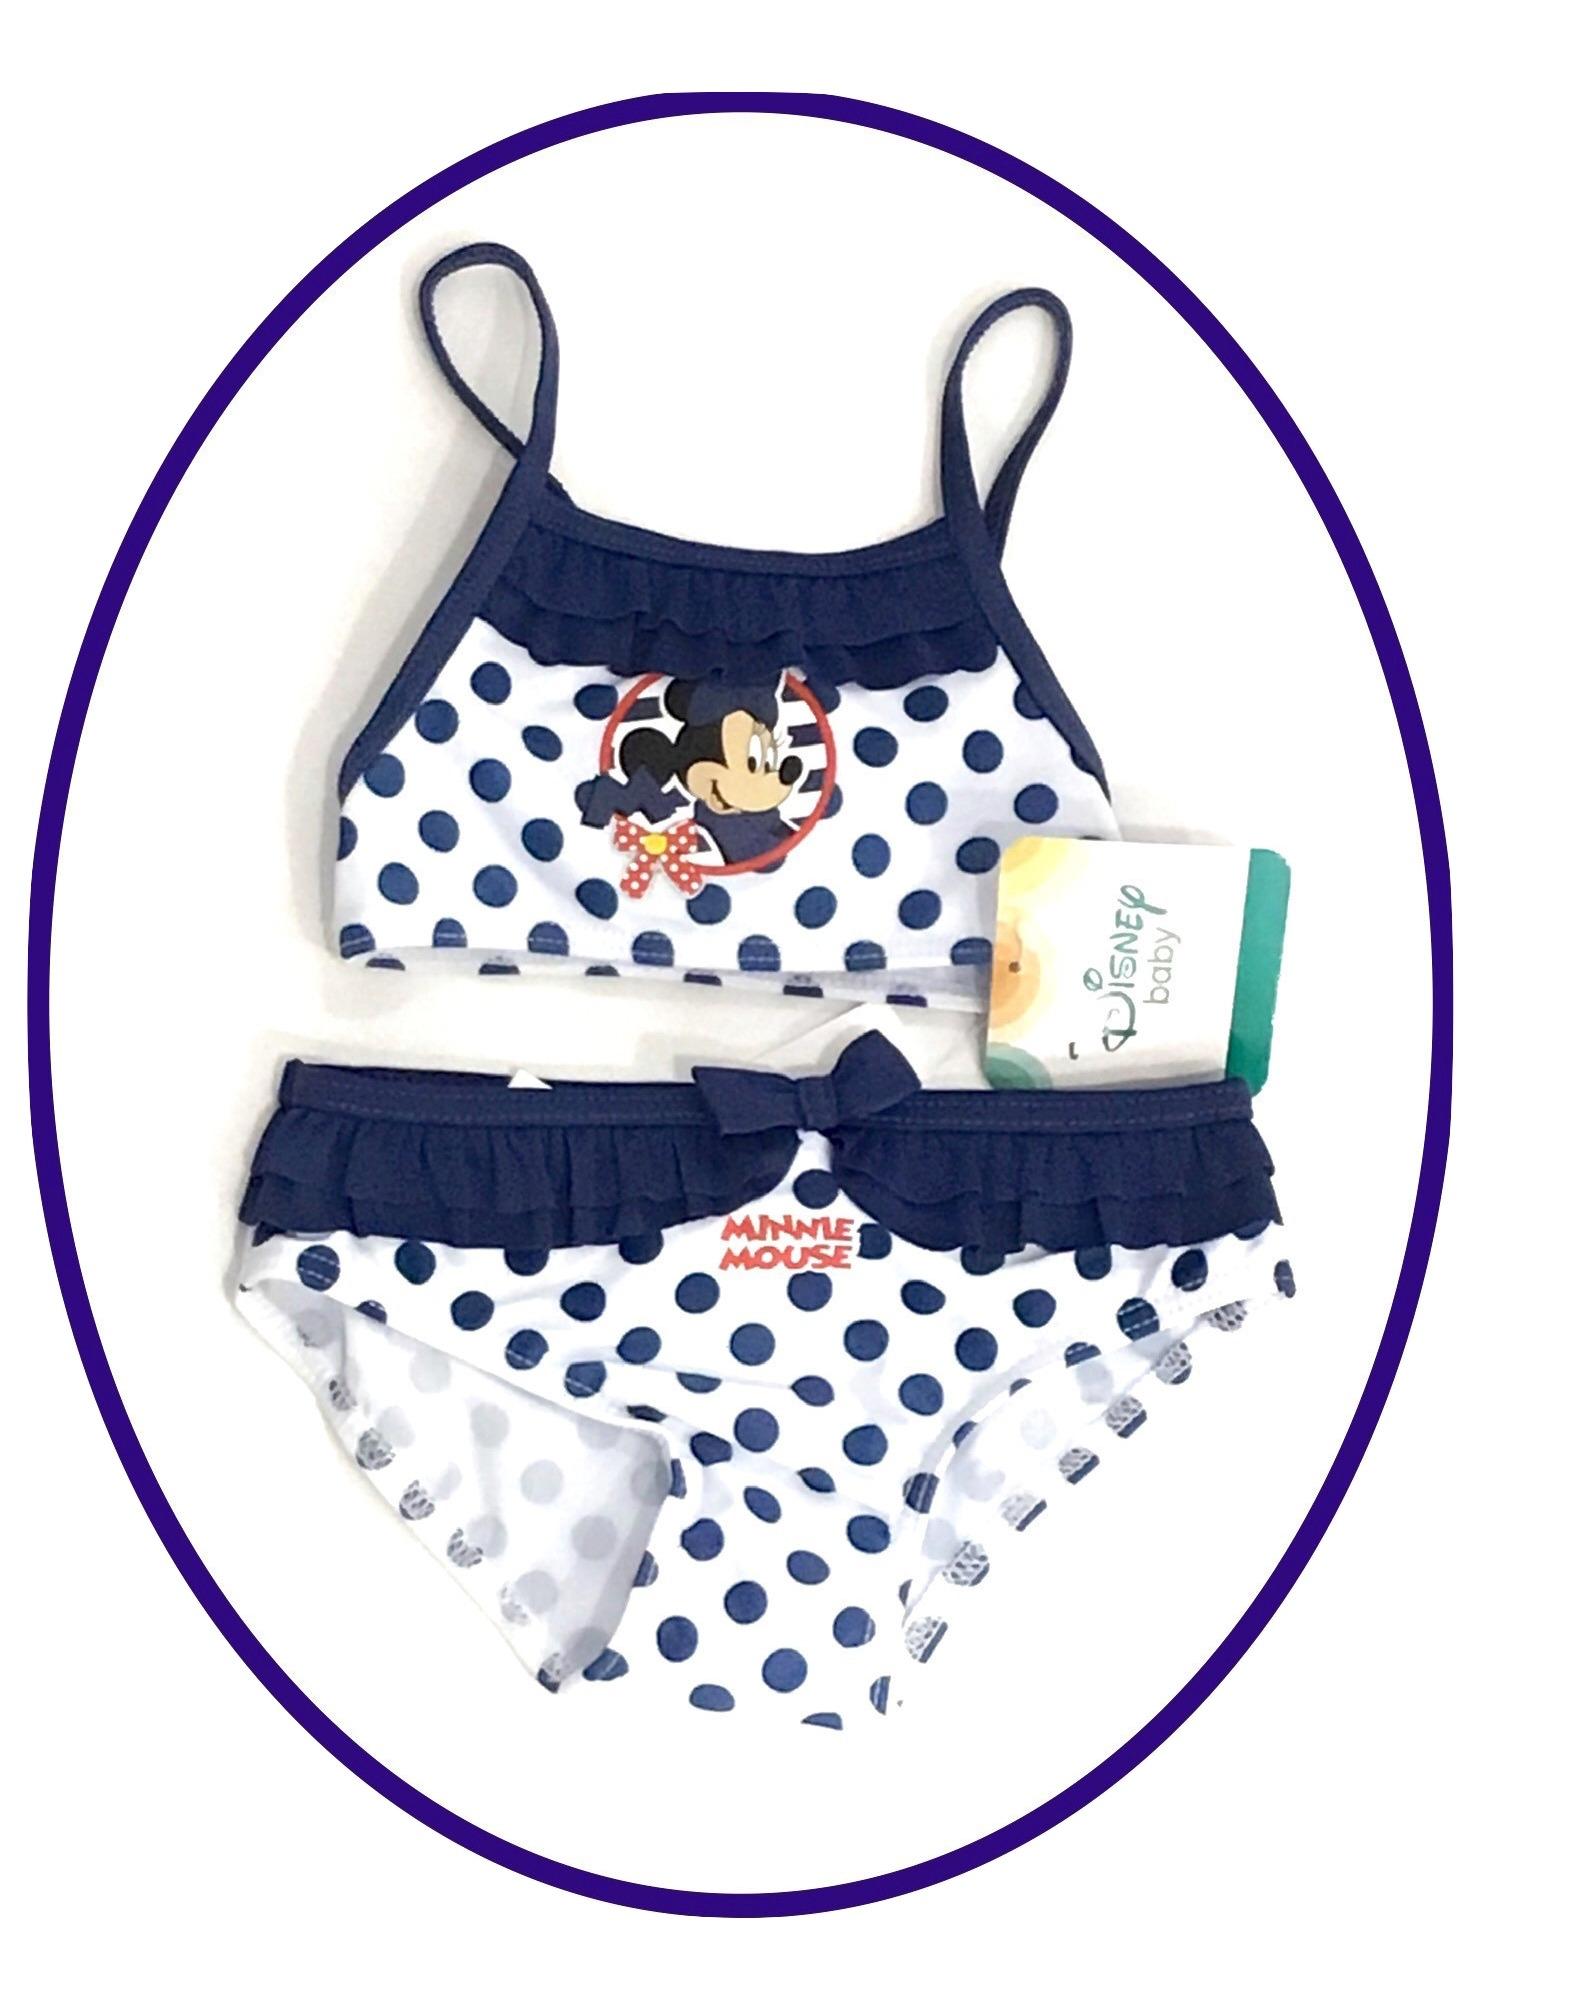 20622bef96a3 Costume da bagno Bikini 2 pezzi Neonata Bambina per Mare e Piscina Minnie  Disney Mouse